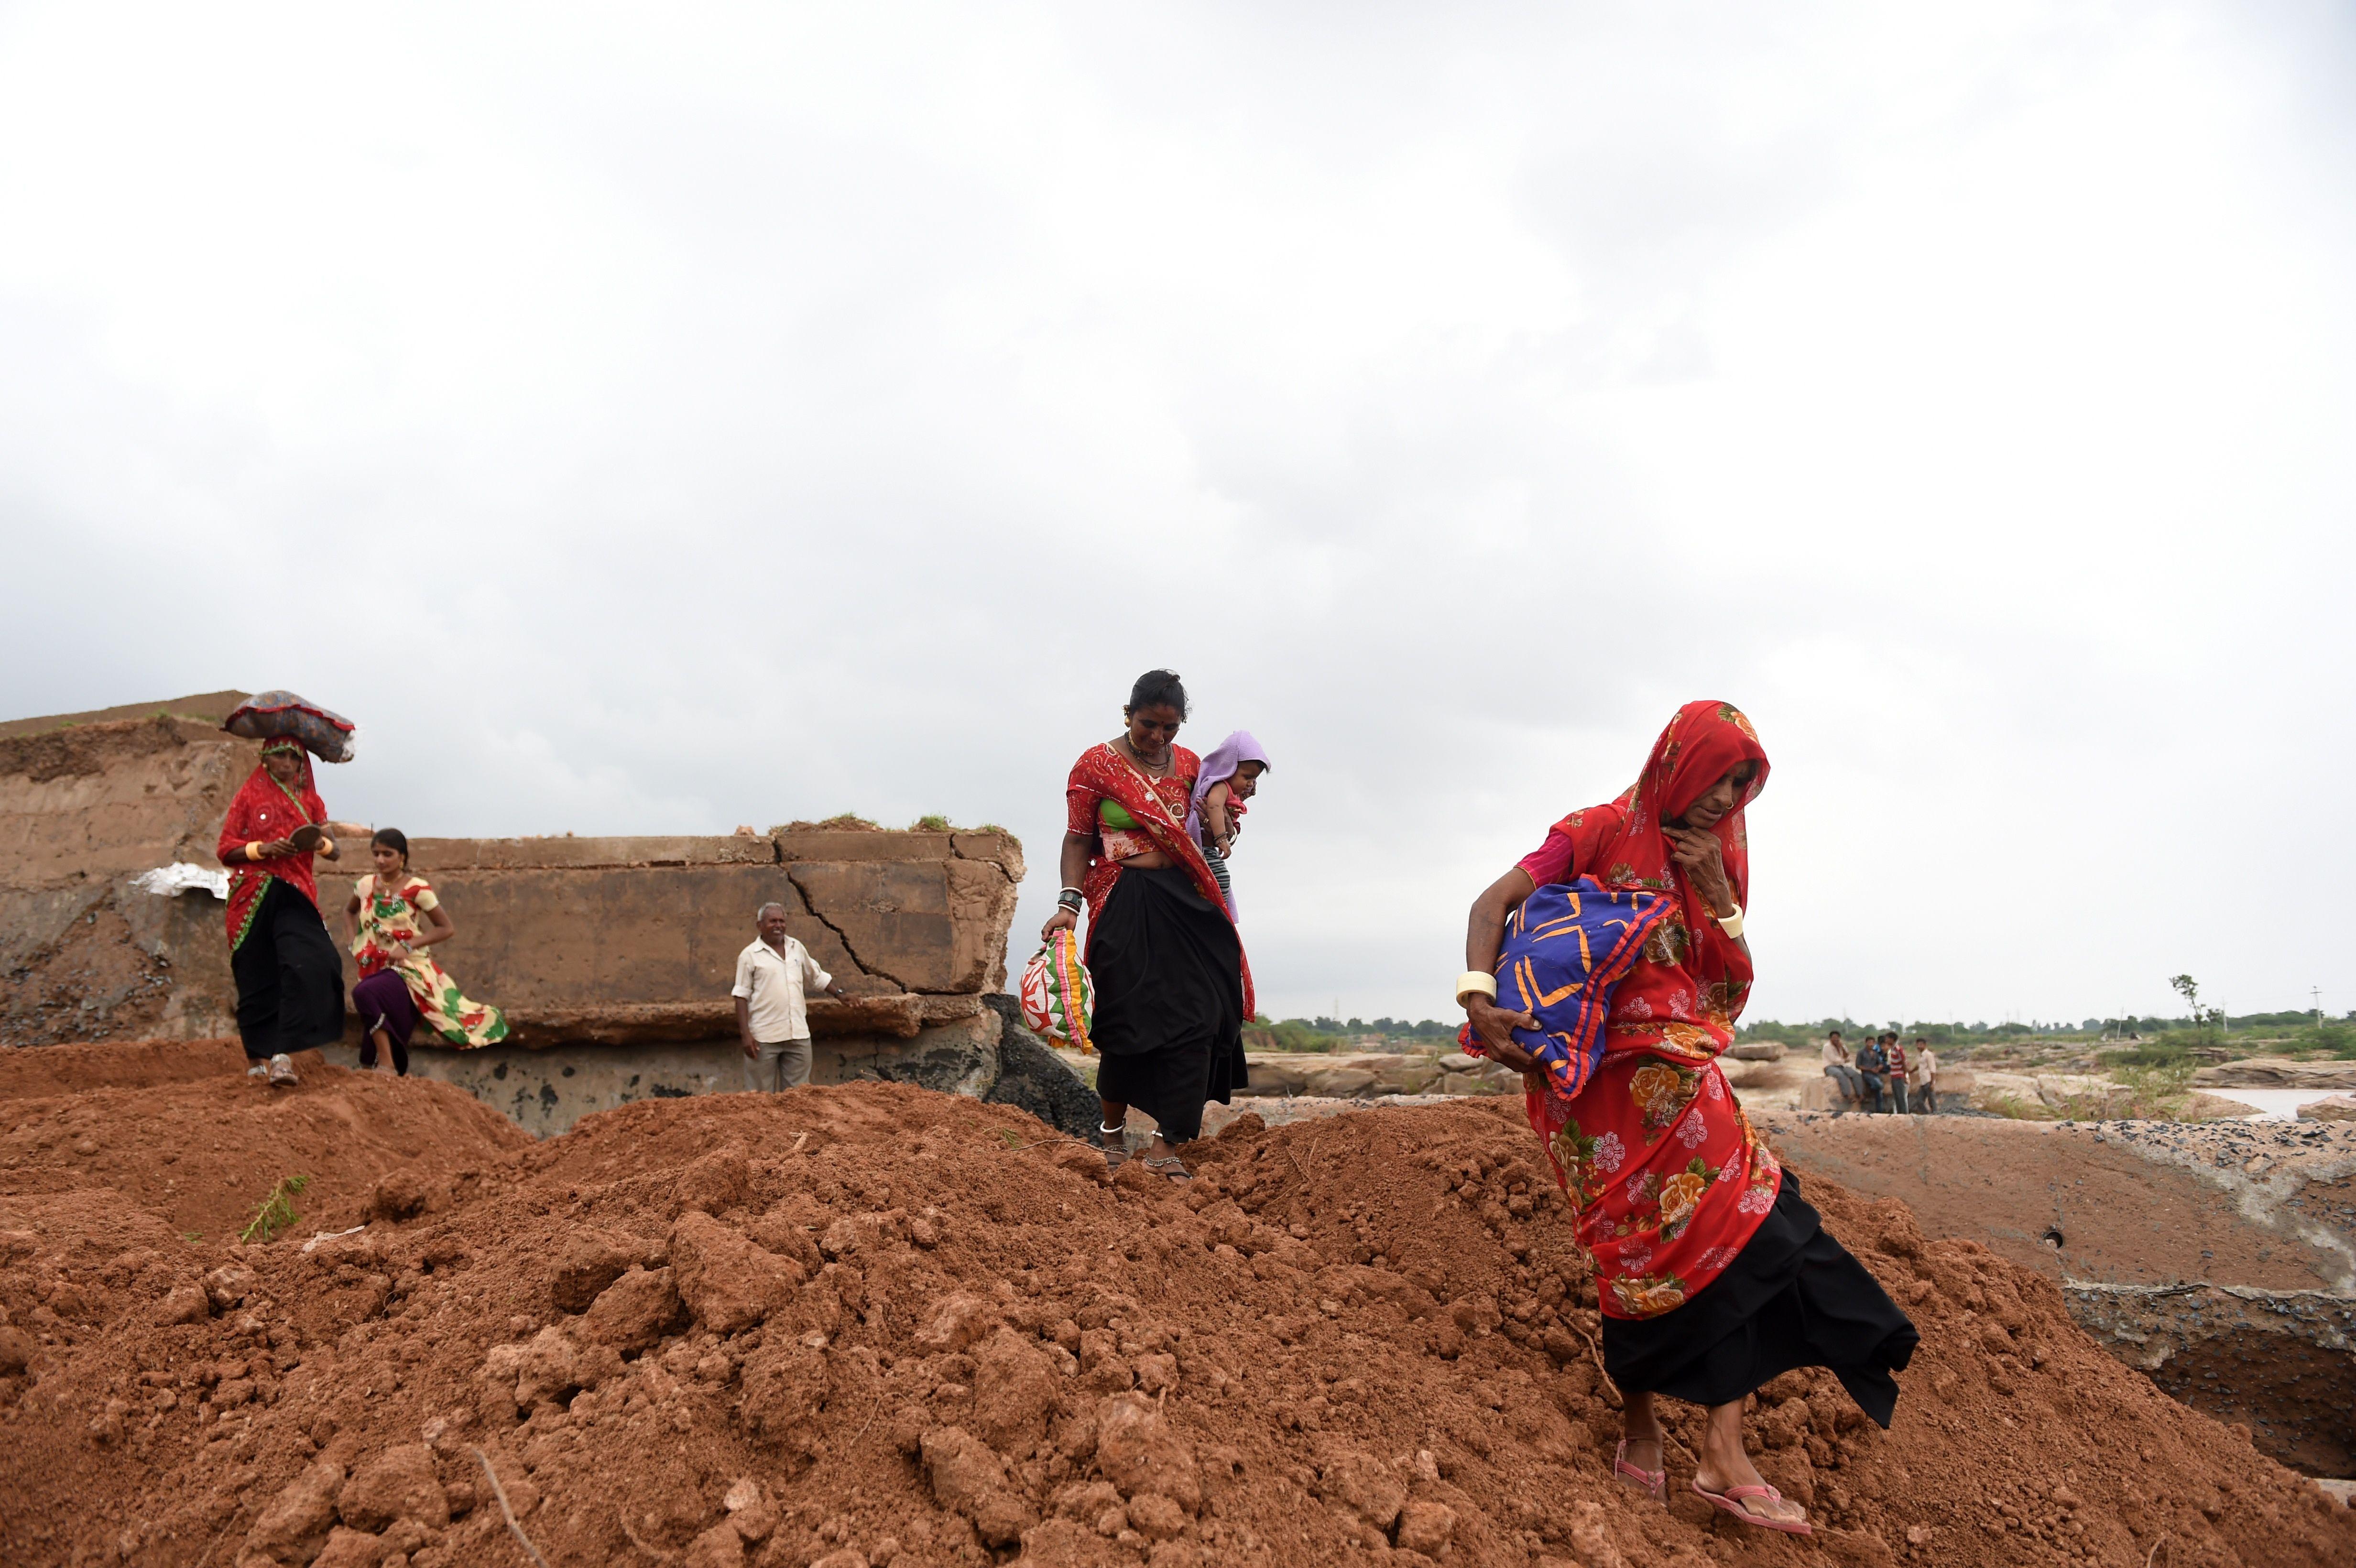 الامطار تحول الارض إلى وحل فى الهند